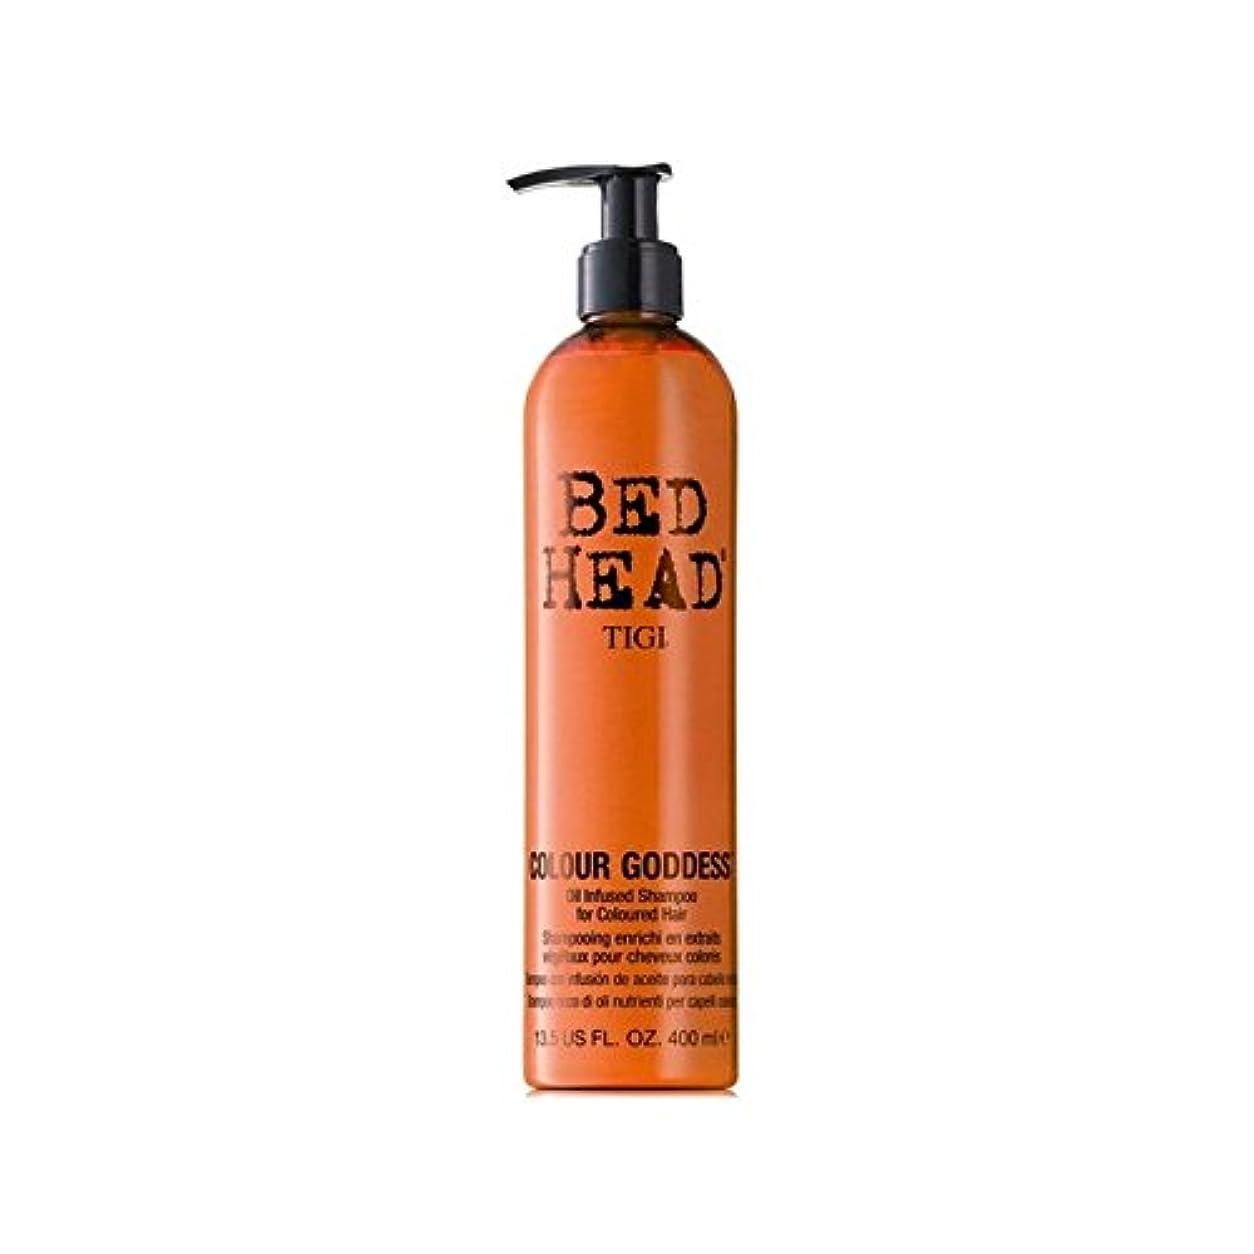 アトラストレッドバーチャルティジーベッドヘッドカラー女神シャンプー(400ミリリットル) x4 - Tigi Bed Head Colour Goddess Shampoo (400ml) (Pack of 4) [並行輸入品]